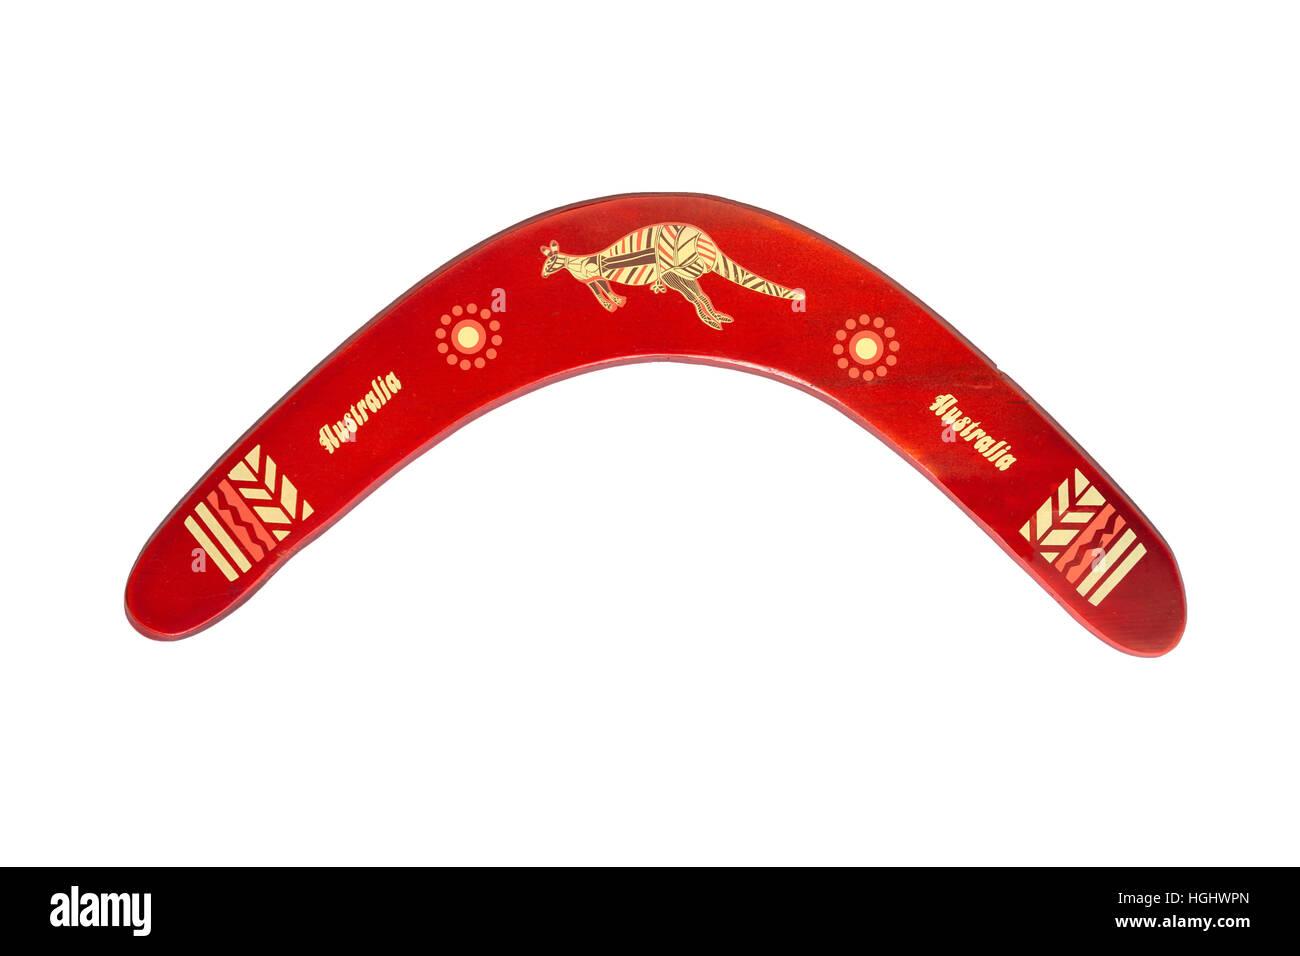 Souvenir boomerang at Koomurri Aboriginal Centre, Echo Point, Katoomba, Blue Mountains, New South Wales, Australia - Stock Image